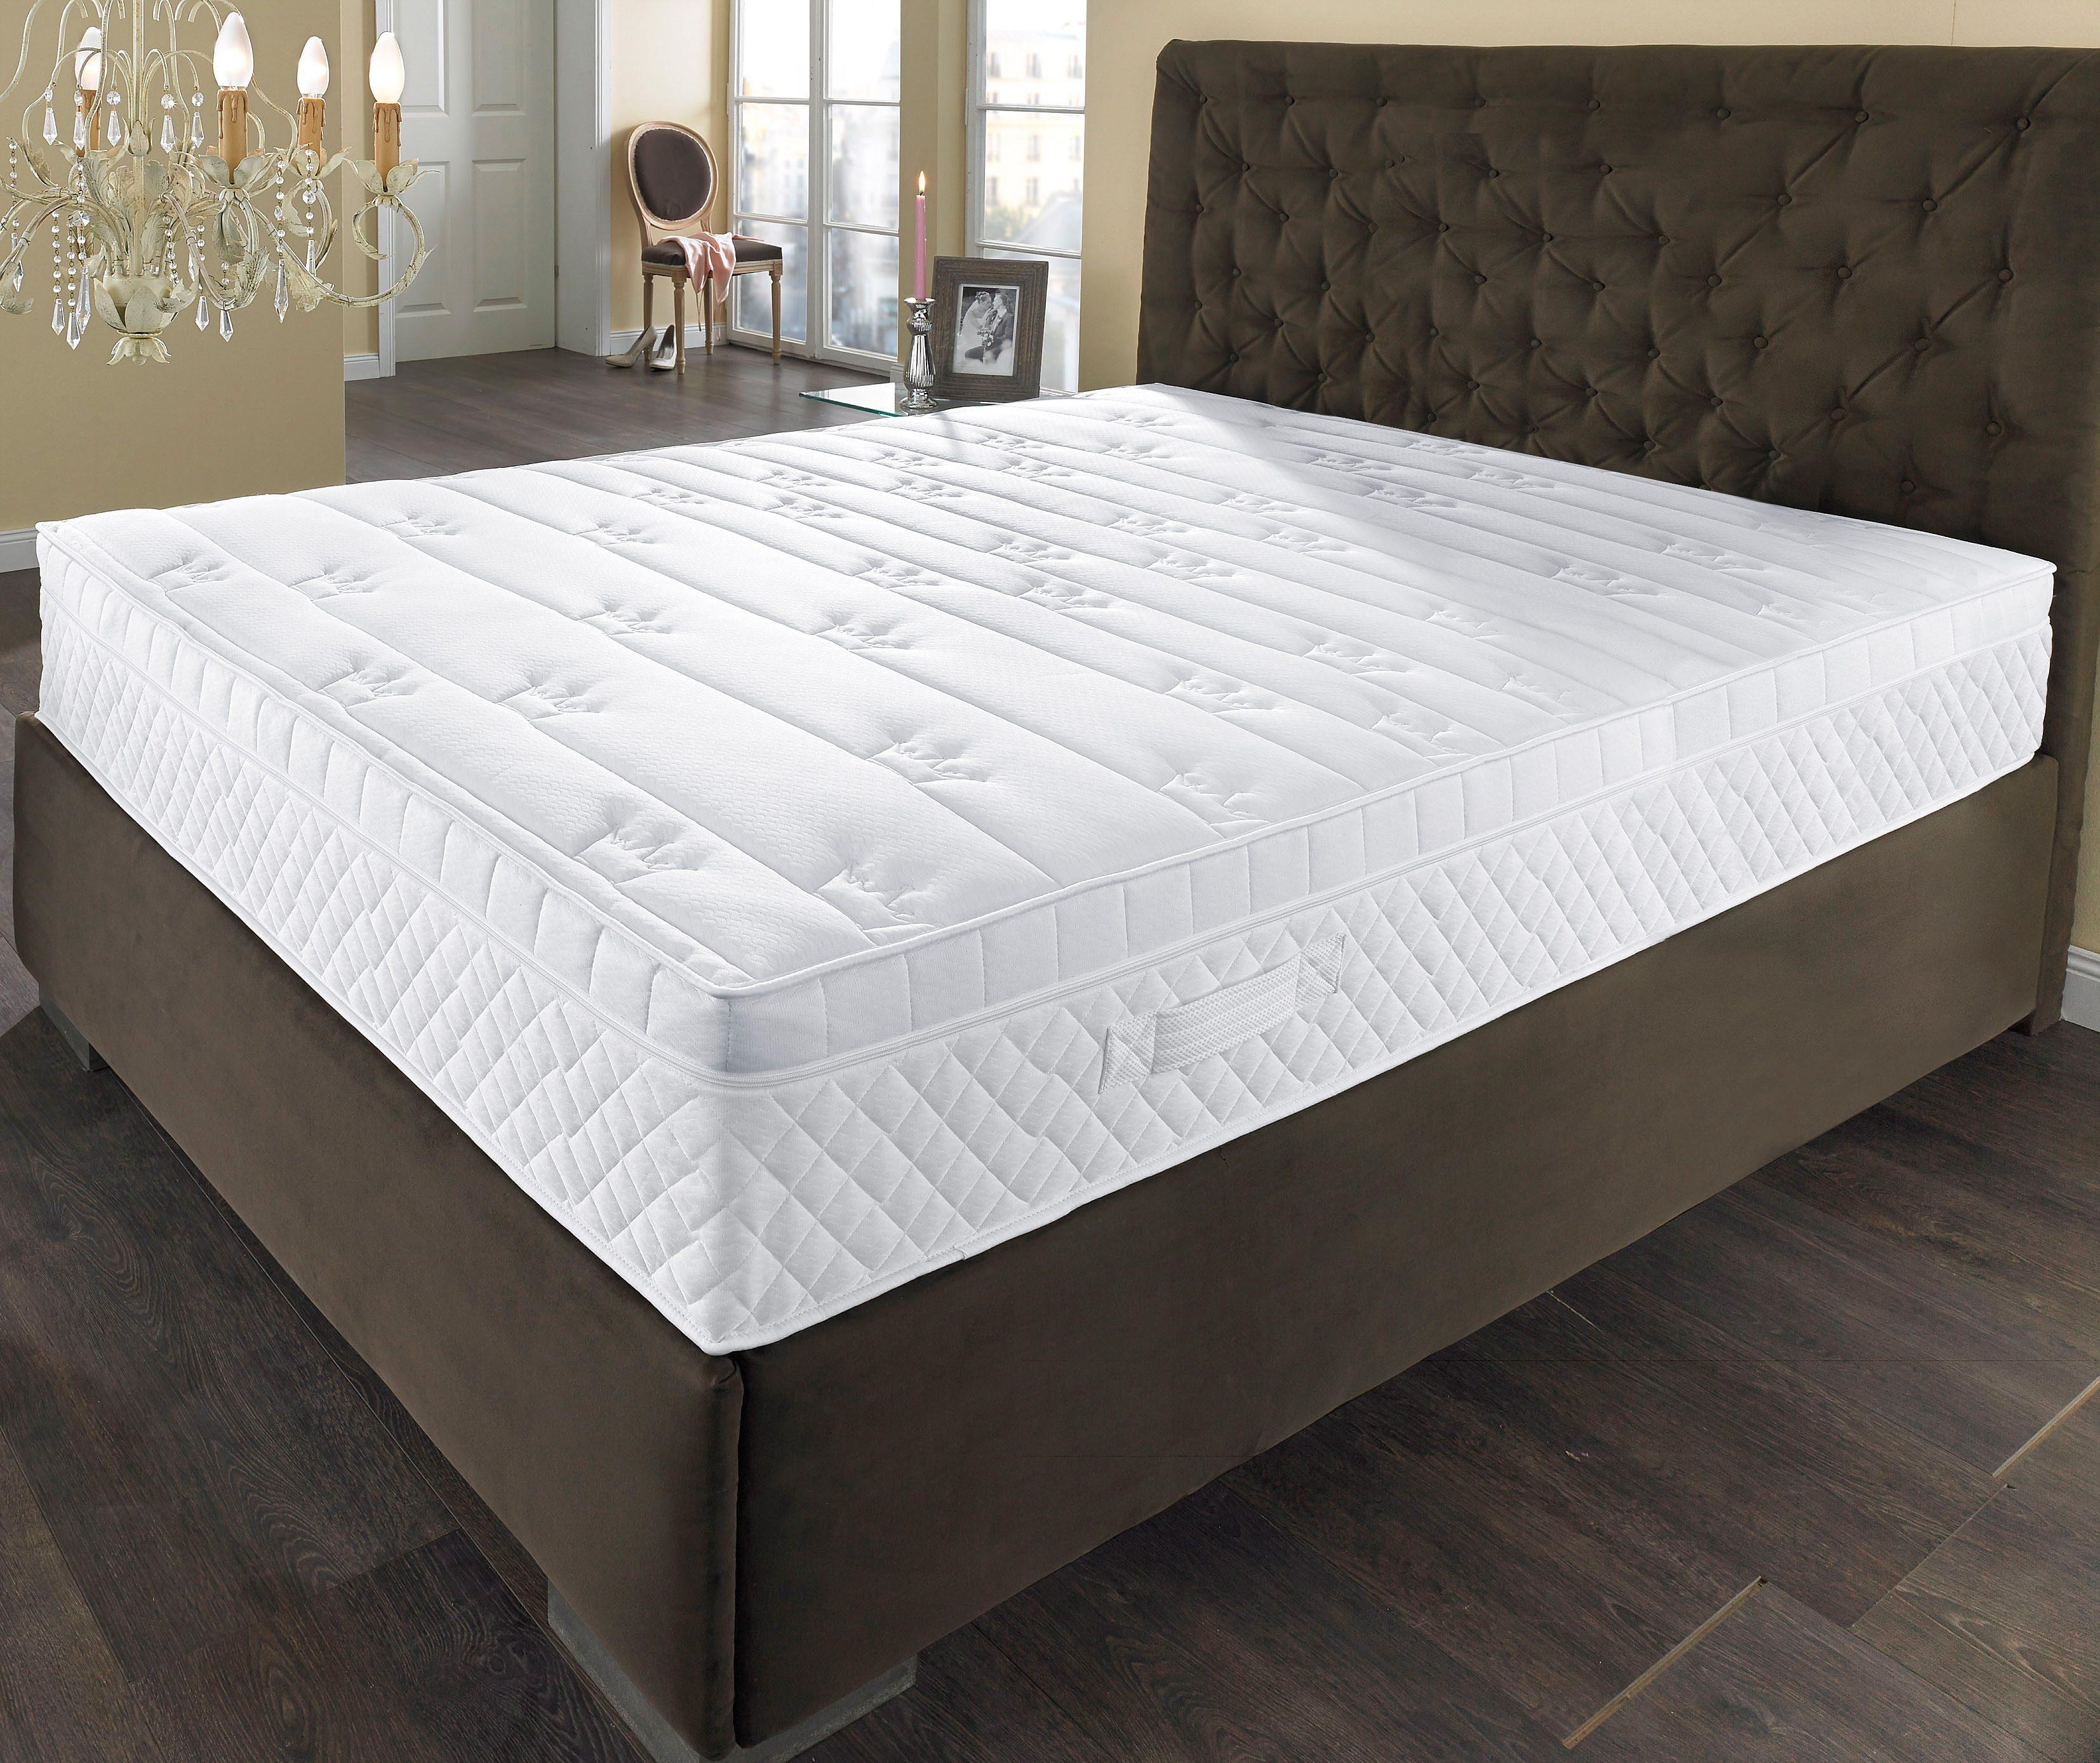 Boxspringmatratze »Meike«, Malie, 25 cm hoch | Schlafzimmer > Matratzen > Boxspringmatratzen | Mehrfarbig | MALIE